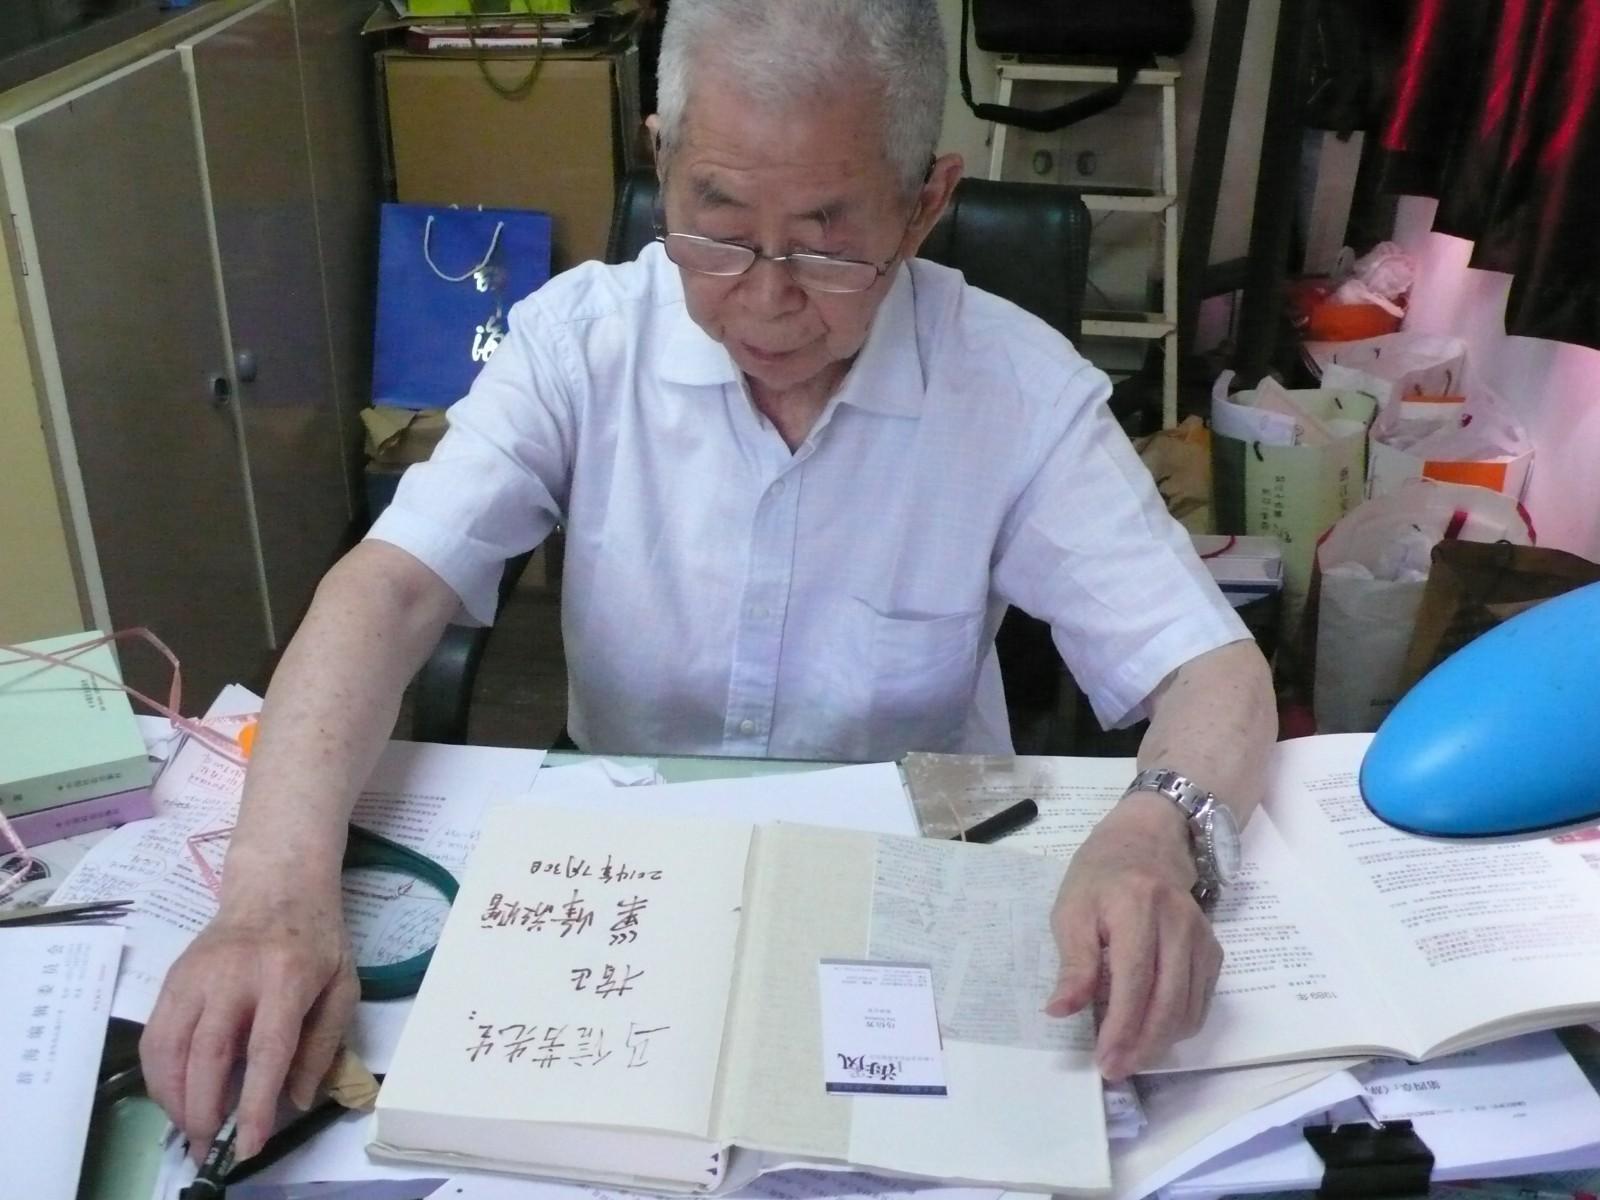 巢峰为笔者赠书题签.JPG